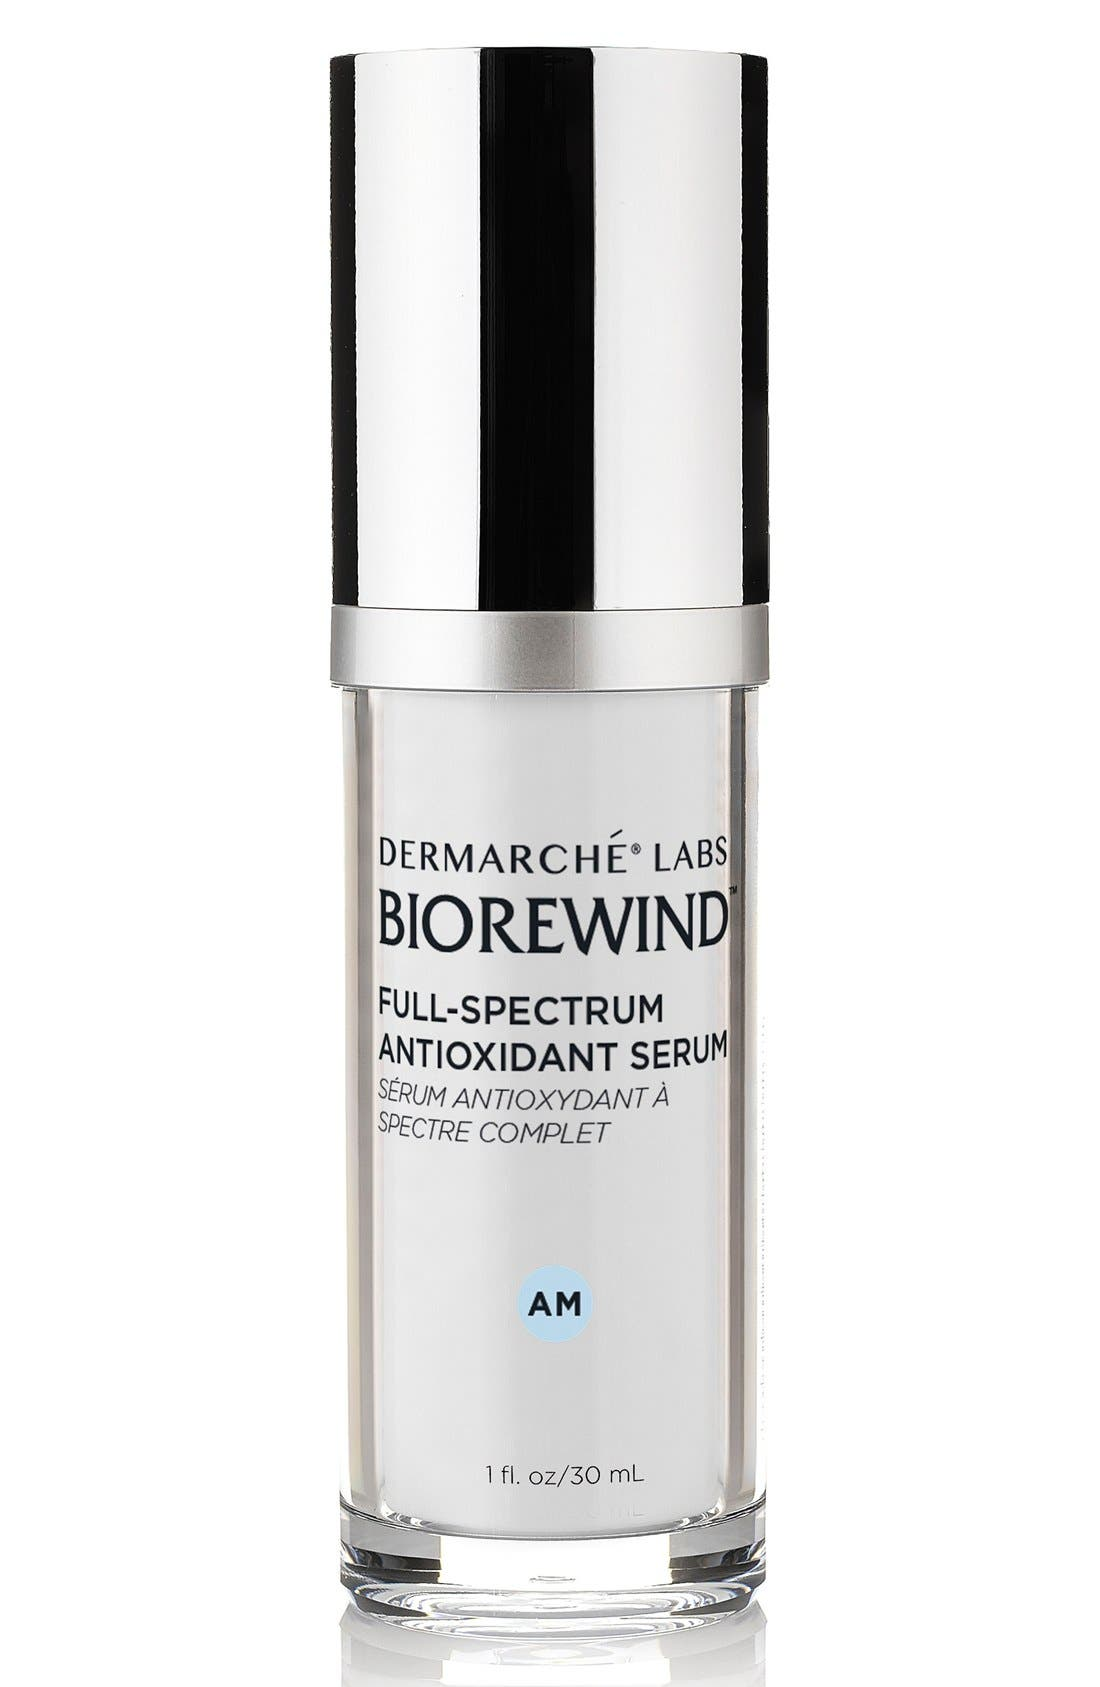 Dermarché® Labs 'BioRewind AM' Full-Spectrum Antioxidant Serum